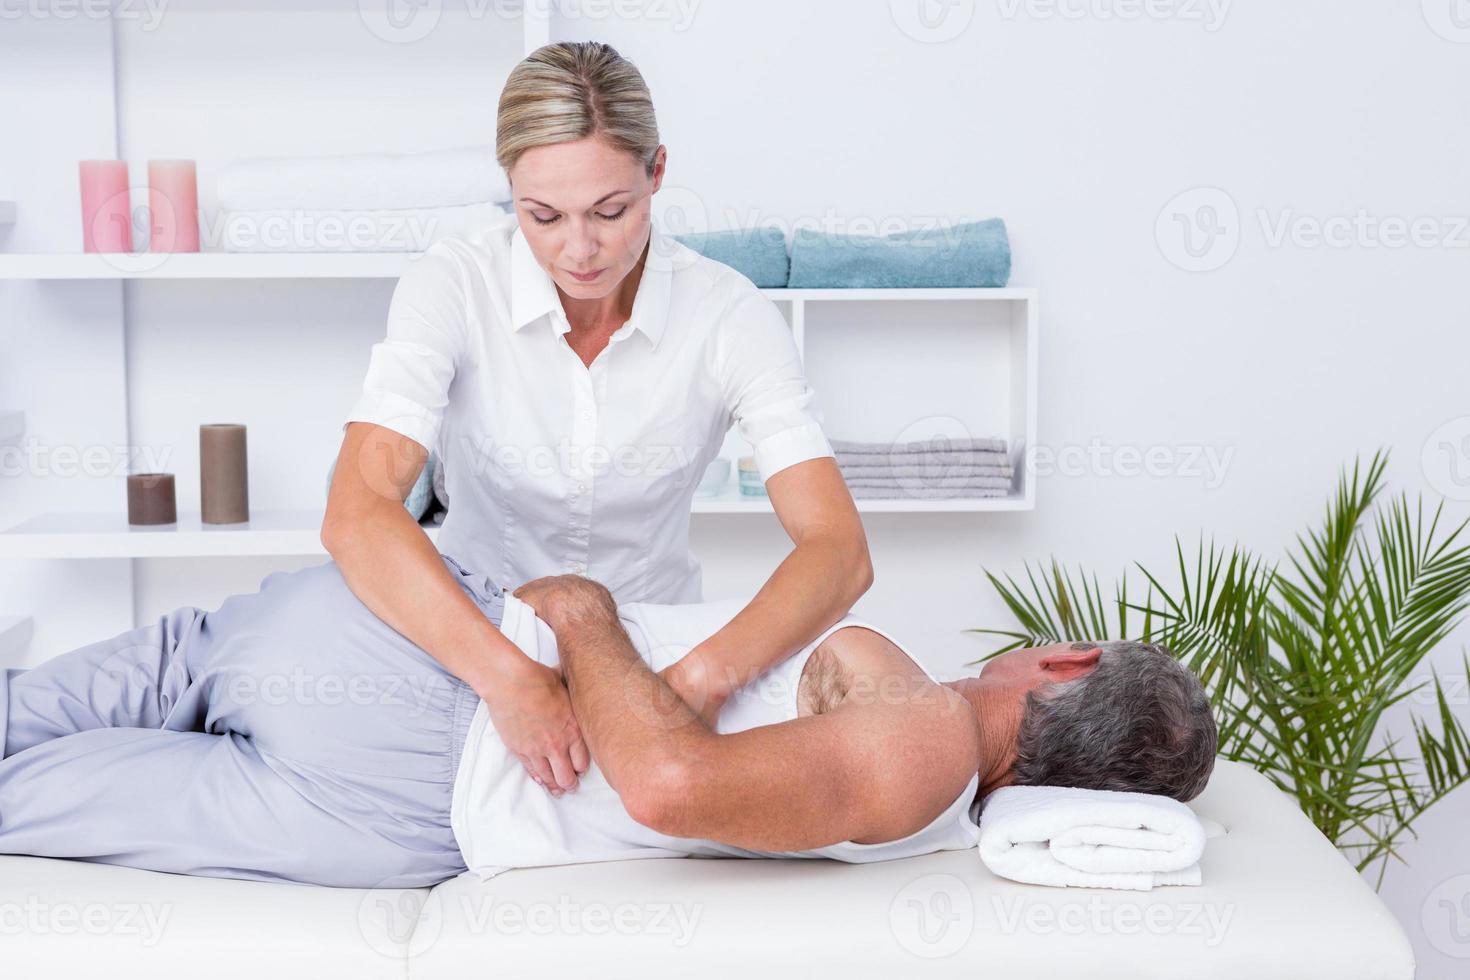 fisioterapeuta haciendo masaje de hombro a su paciente foto